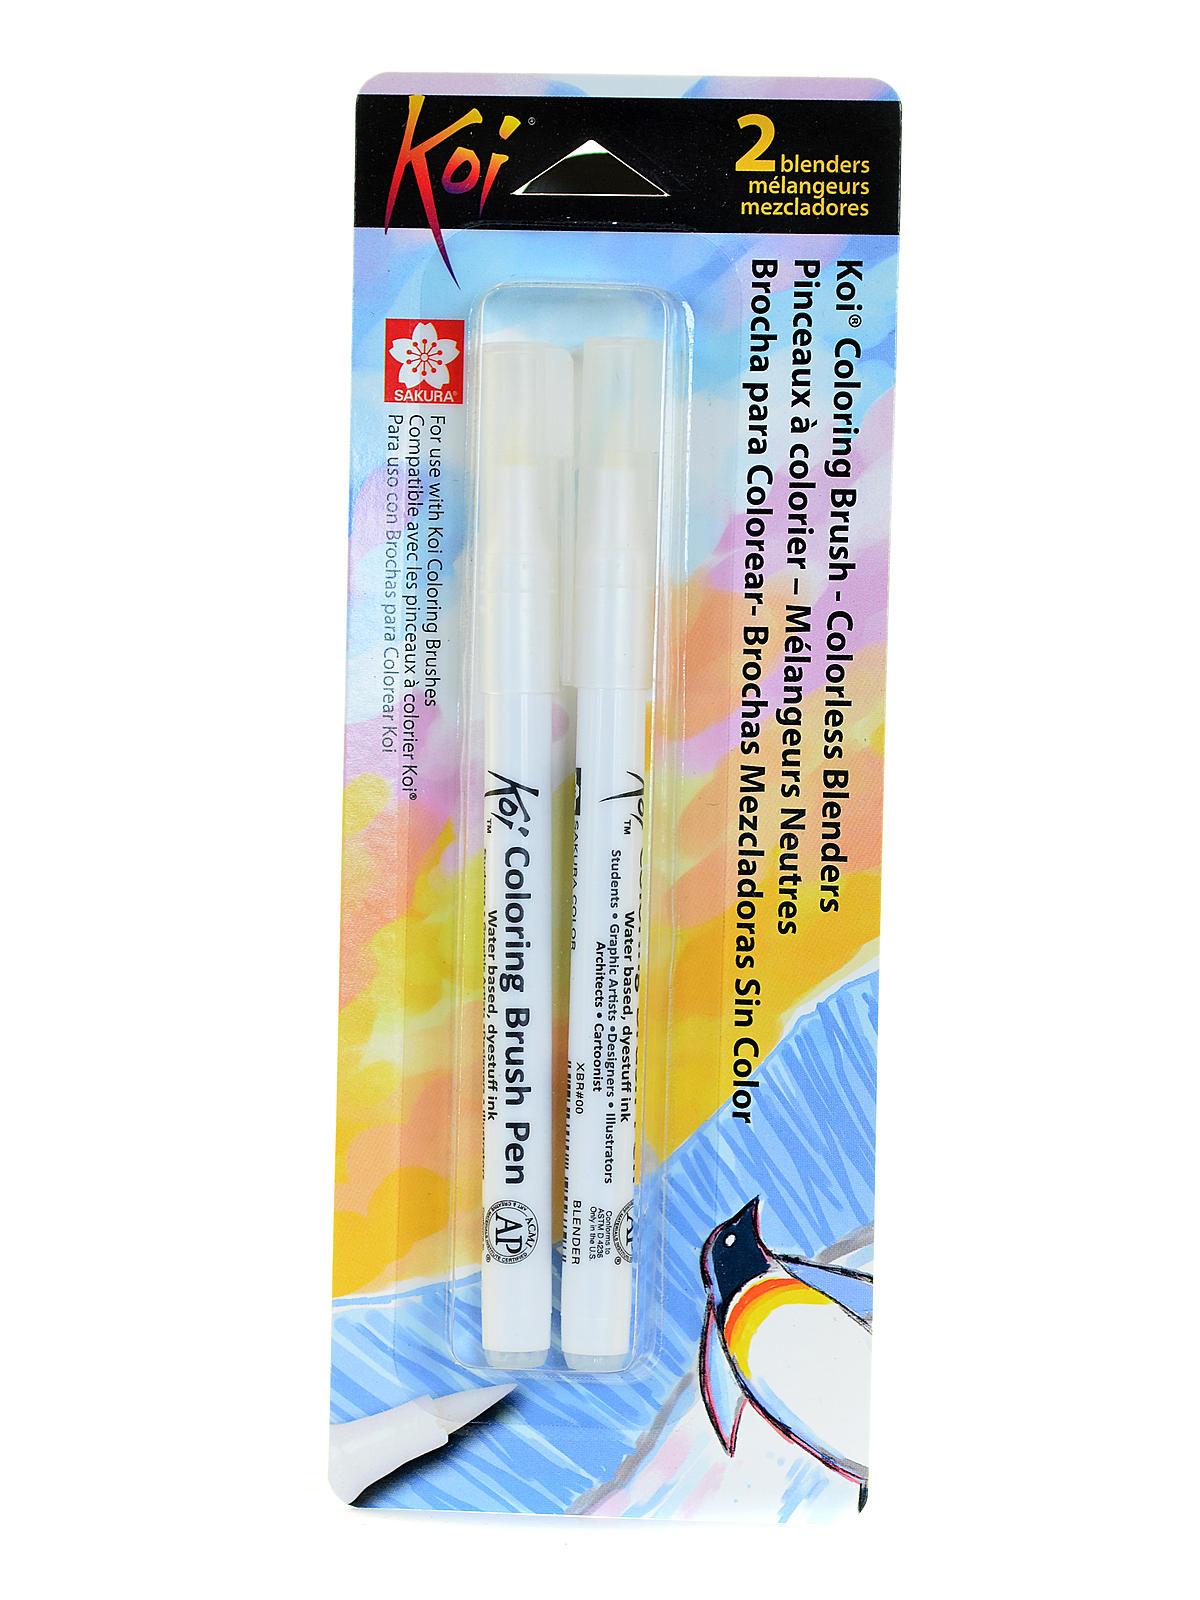 Koi Coloring Brush - Colorless Blenders